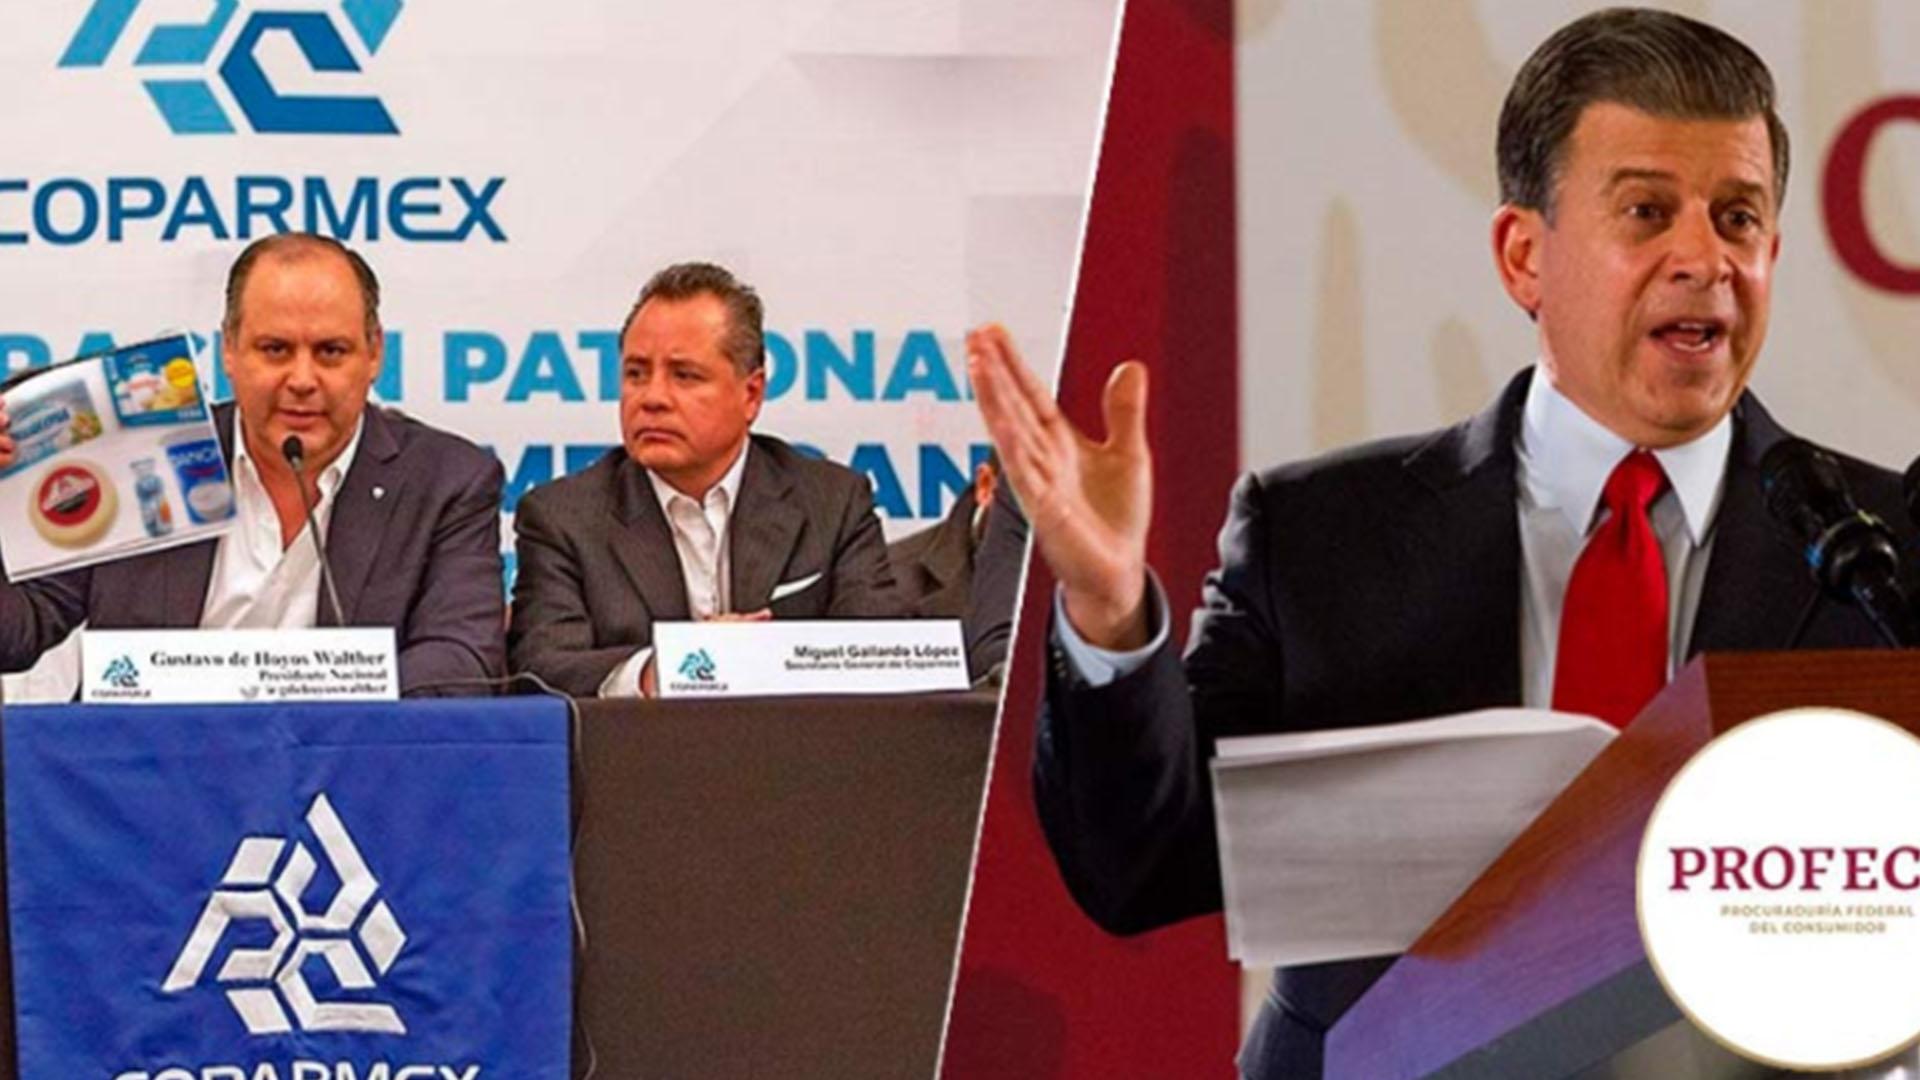 Está dañando la reputación de las empresas: La Coparmex se lanza contra la 4T por suspender venta de quesos y yogurt con etiquetados engañosos